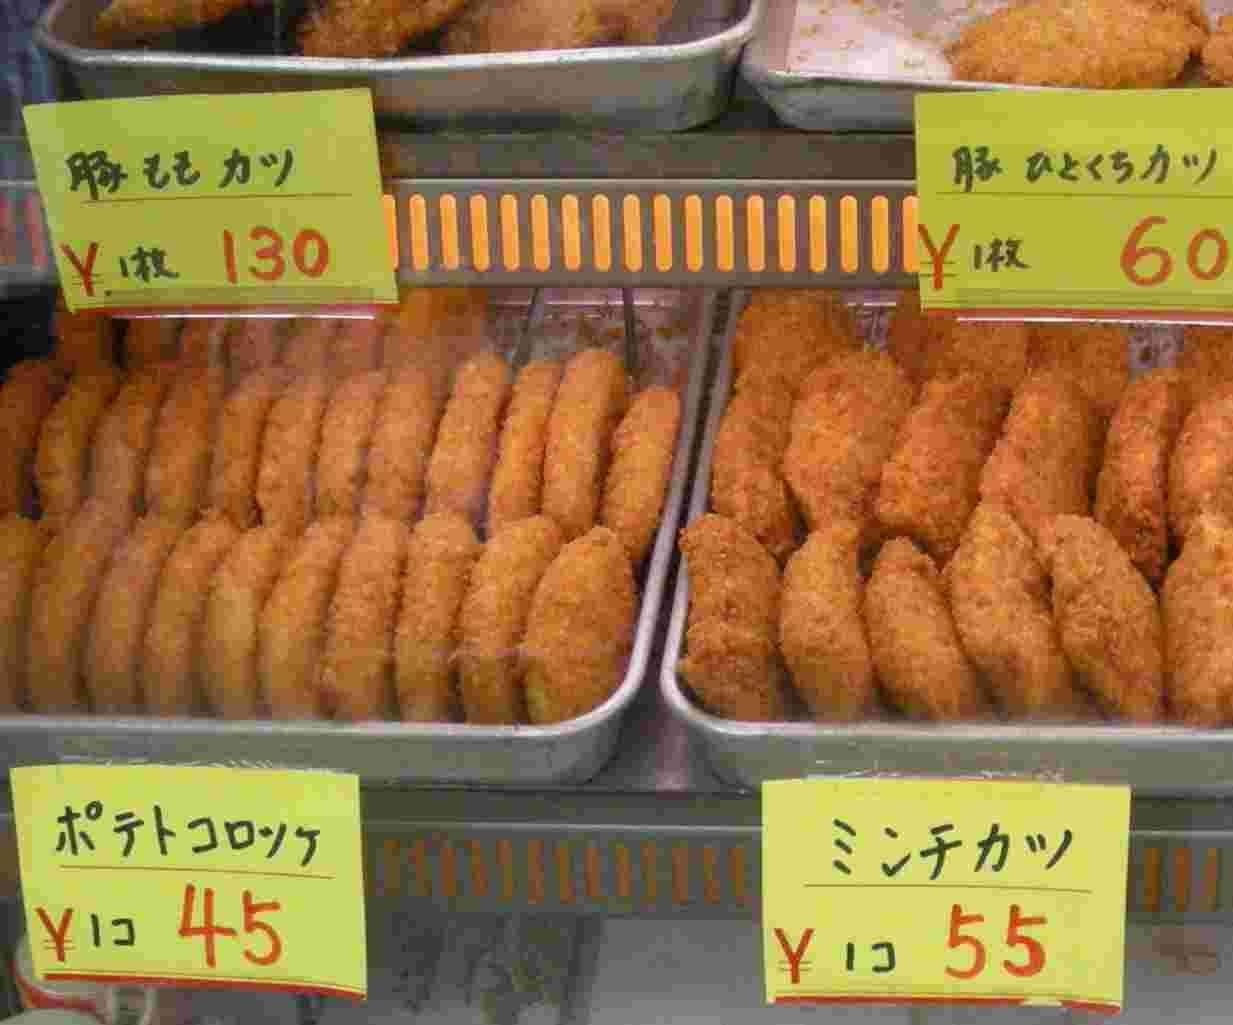 ご飯に合う手軽で安いおかずは?